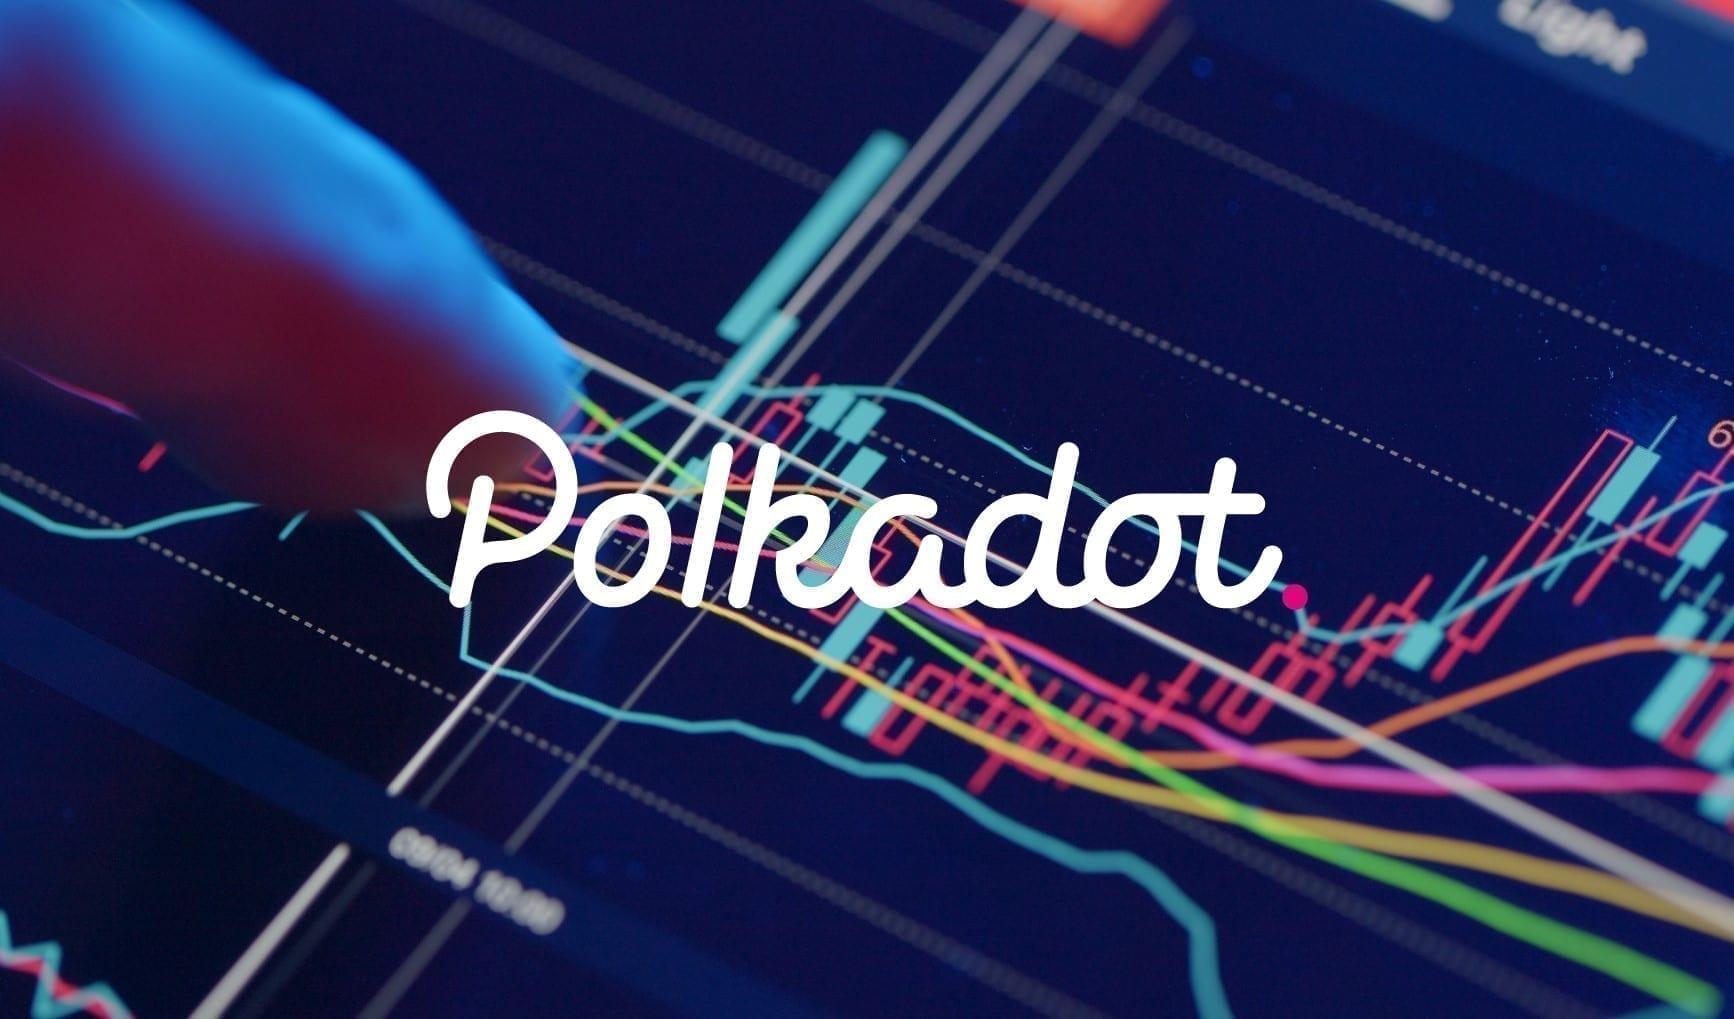 Le cours de la crypto-monnaie Polkadot (DOT) est en consolidation depuis le 20 février. Le prix du Polkadot est dans un triangle symétrique.